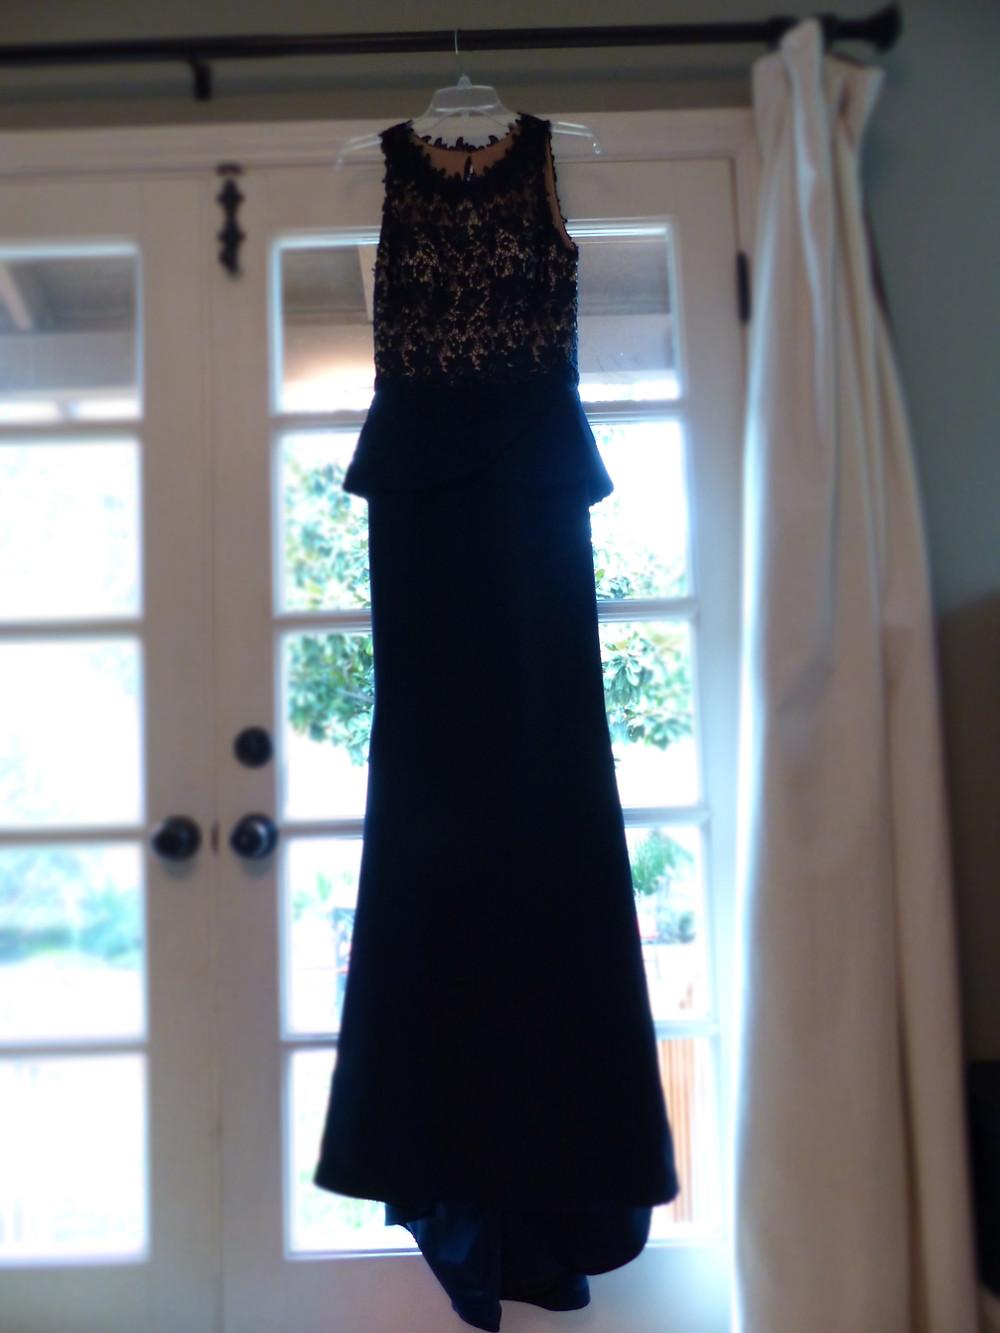 Amanda Luttrell Garrigus Oscars dress a blur.jpg